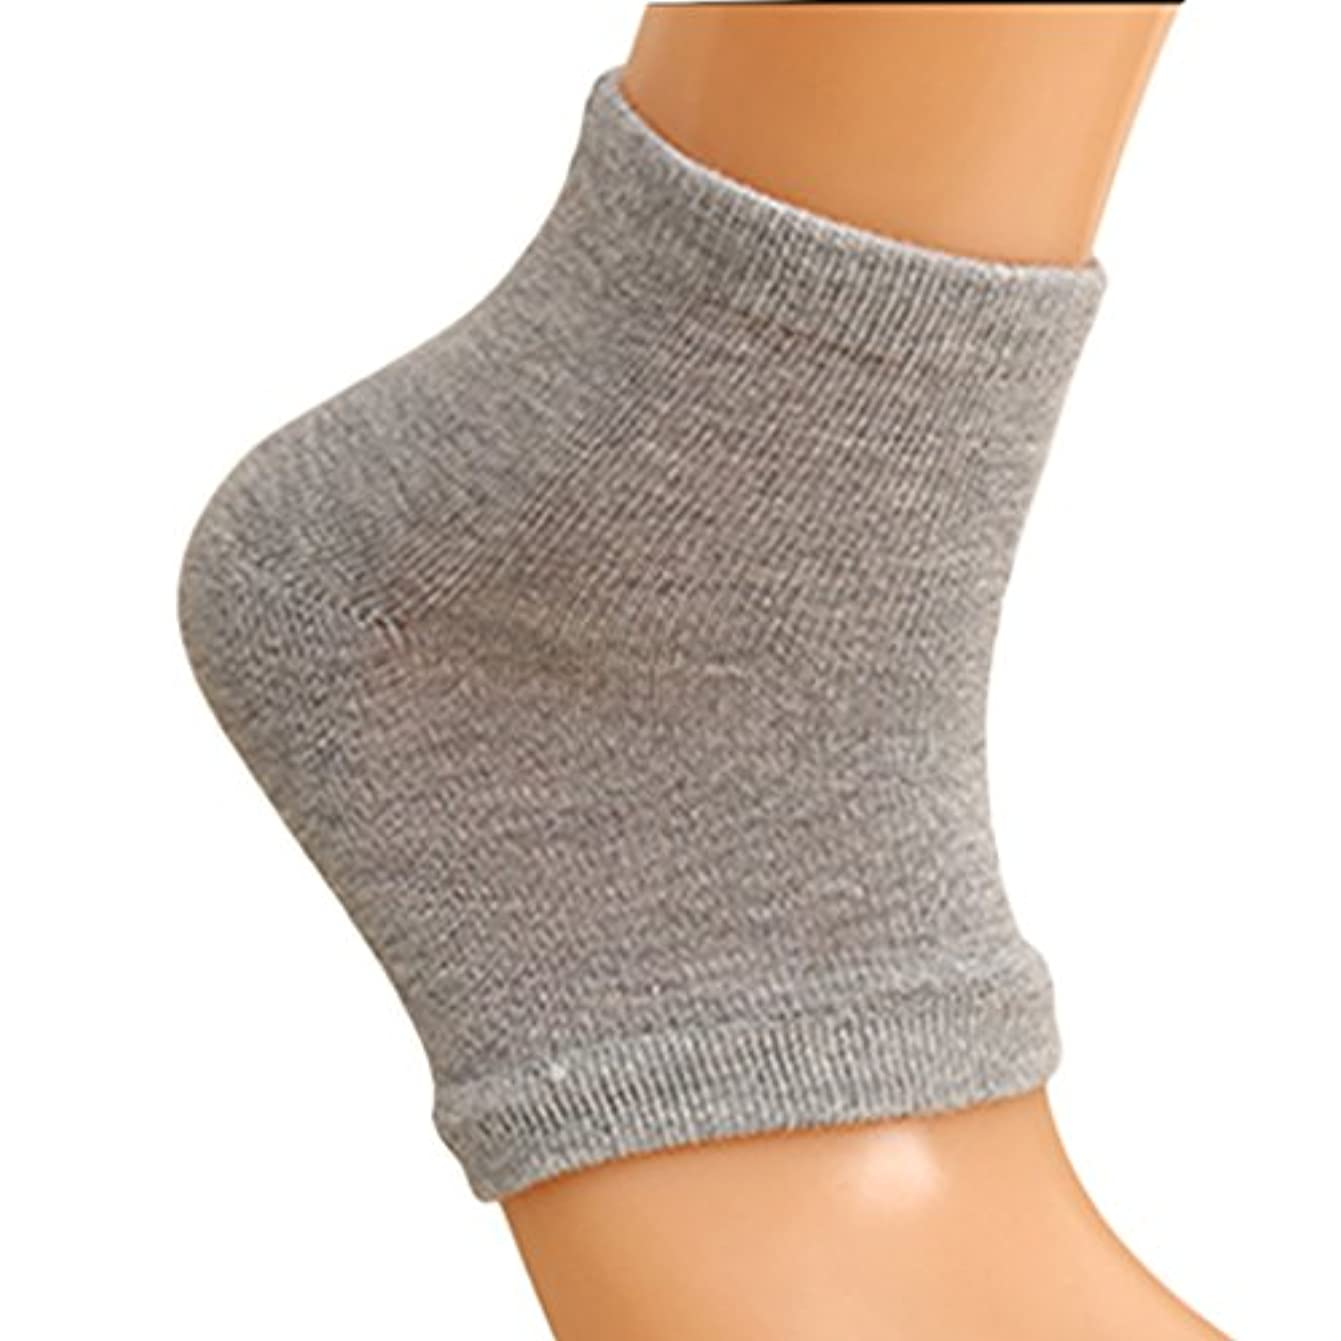 入場料宣言結婚Seliyi 2色組 靴下 ソックス レディース メンズ 靴下 つるつる 靴下 フットケア かかとケア ひび 角質ケア 保湿 角質除去(ピンク+グレー)